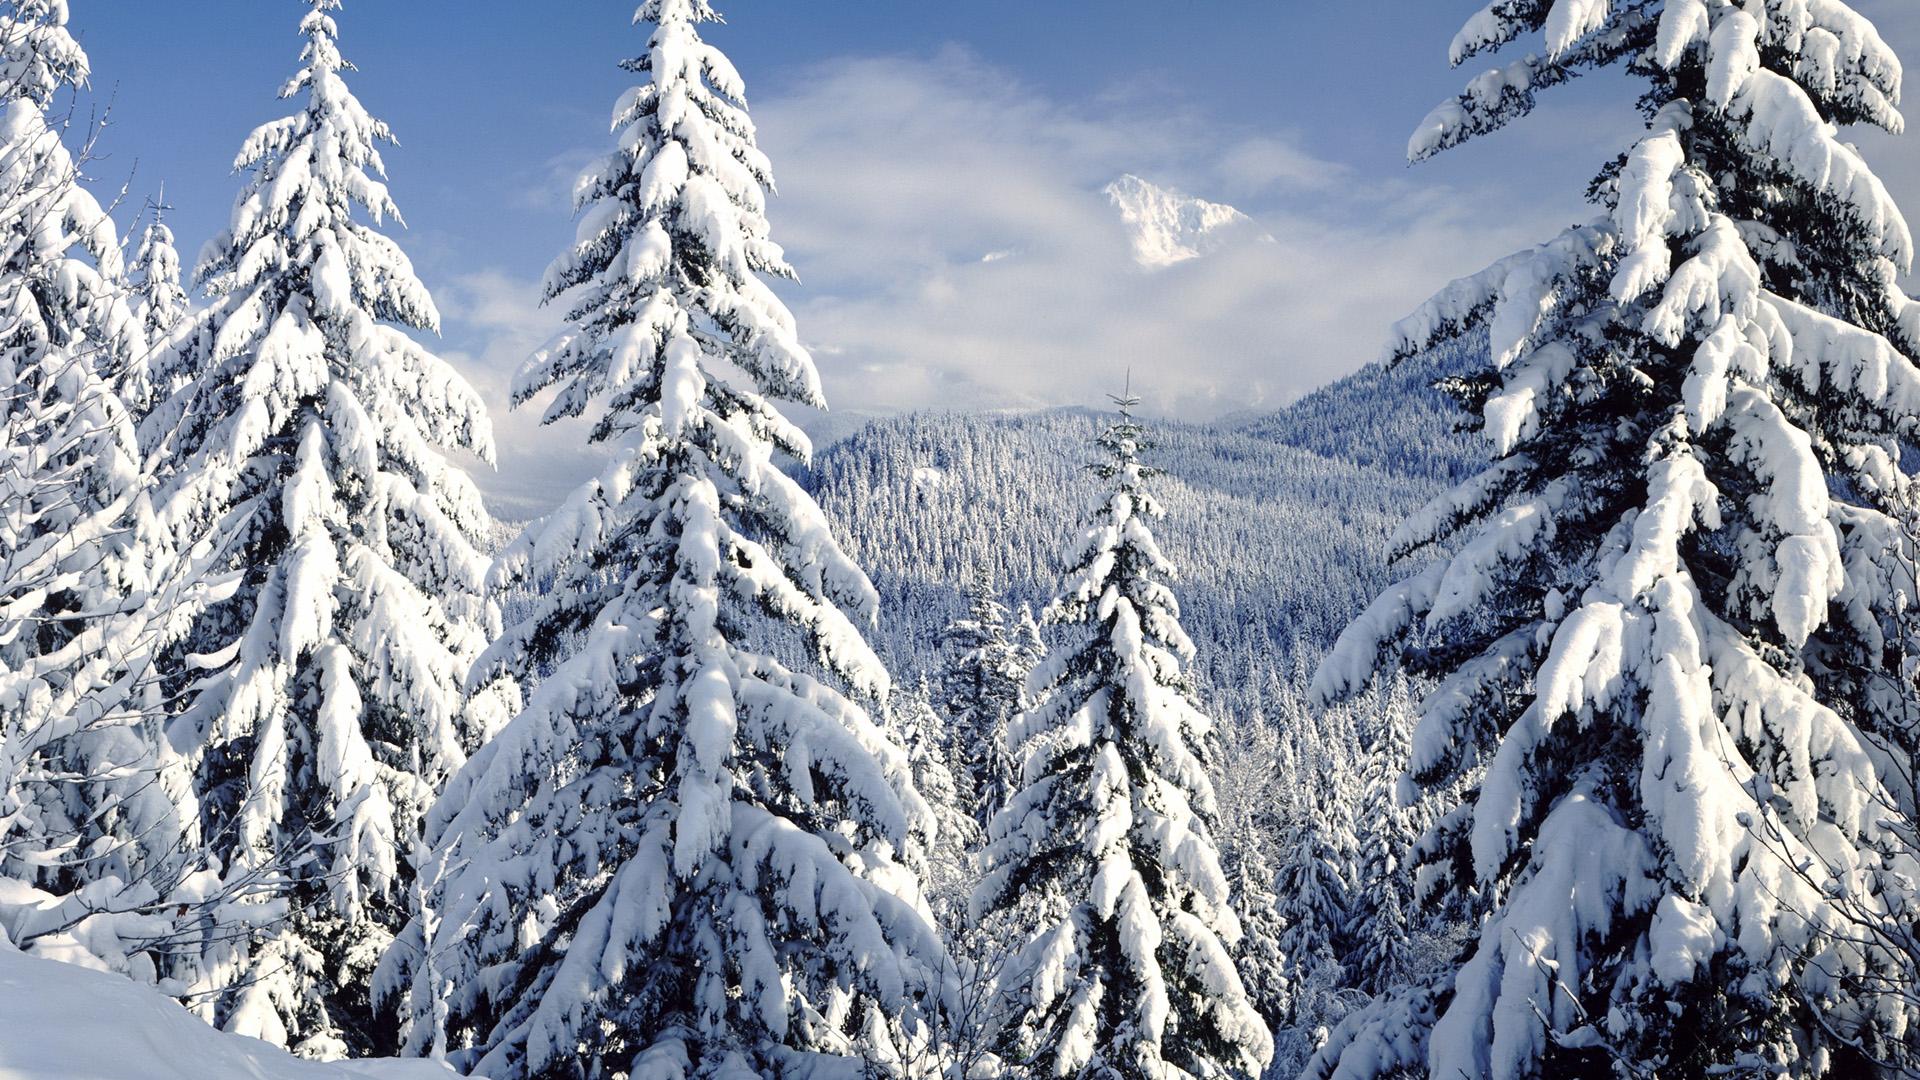 1080p Snow Scenes Vol 2   Free    FlashRolls  HD Wallpaper